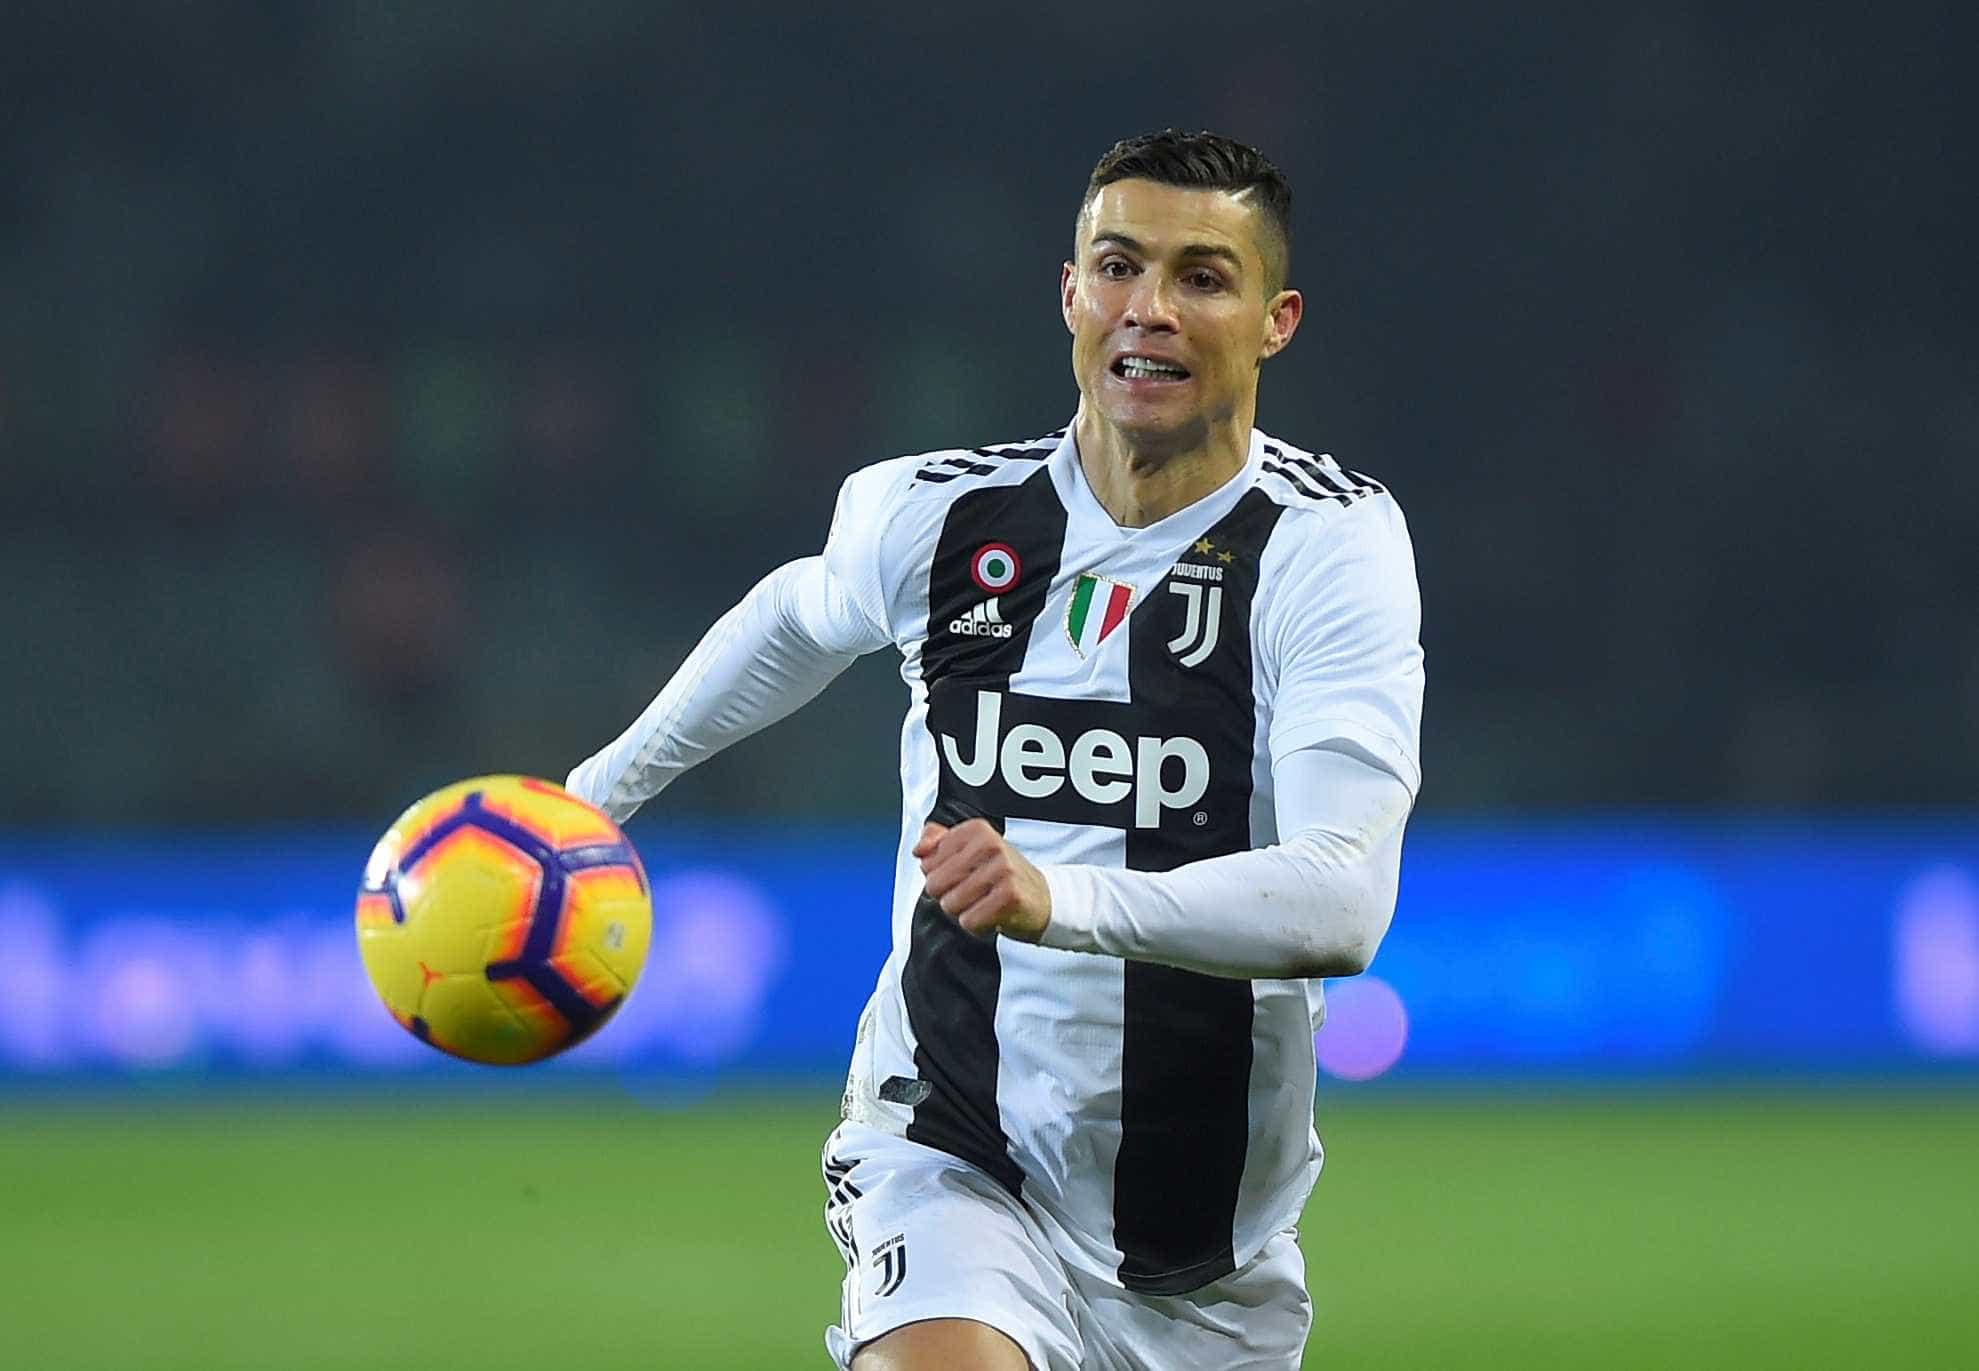 CR7 marca, Juventus vence clássico de Turim e continua soberana